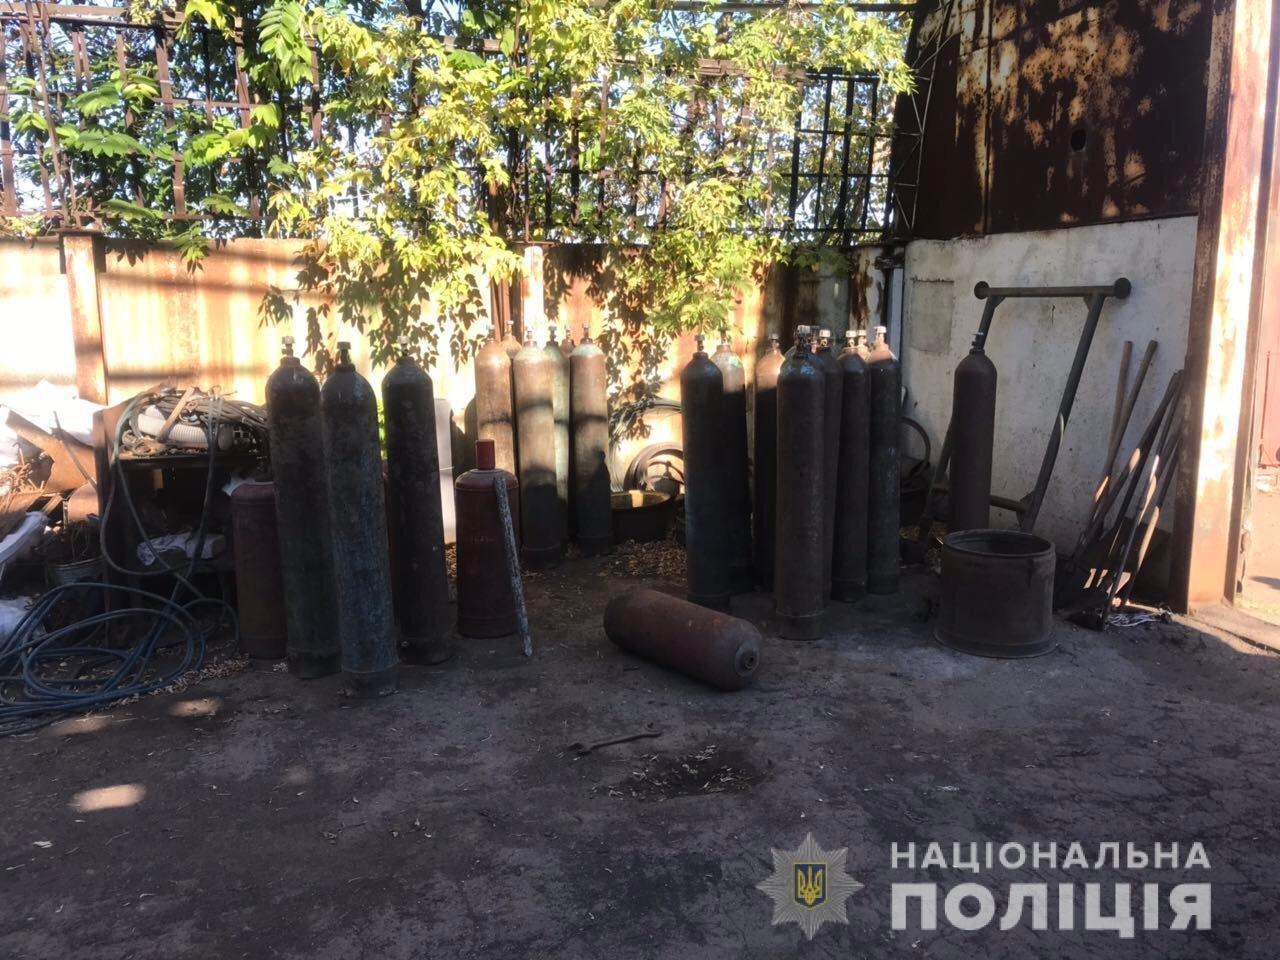 В Акимовке обнаружили незаконный пункт приема металлолома, - ФОТО, фото-1